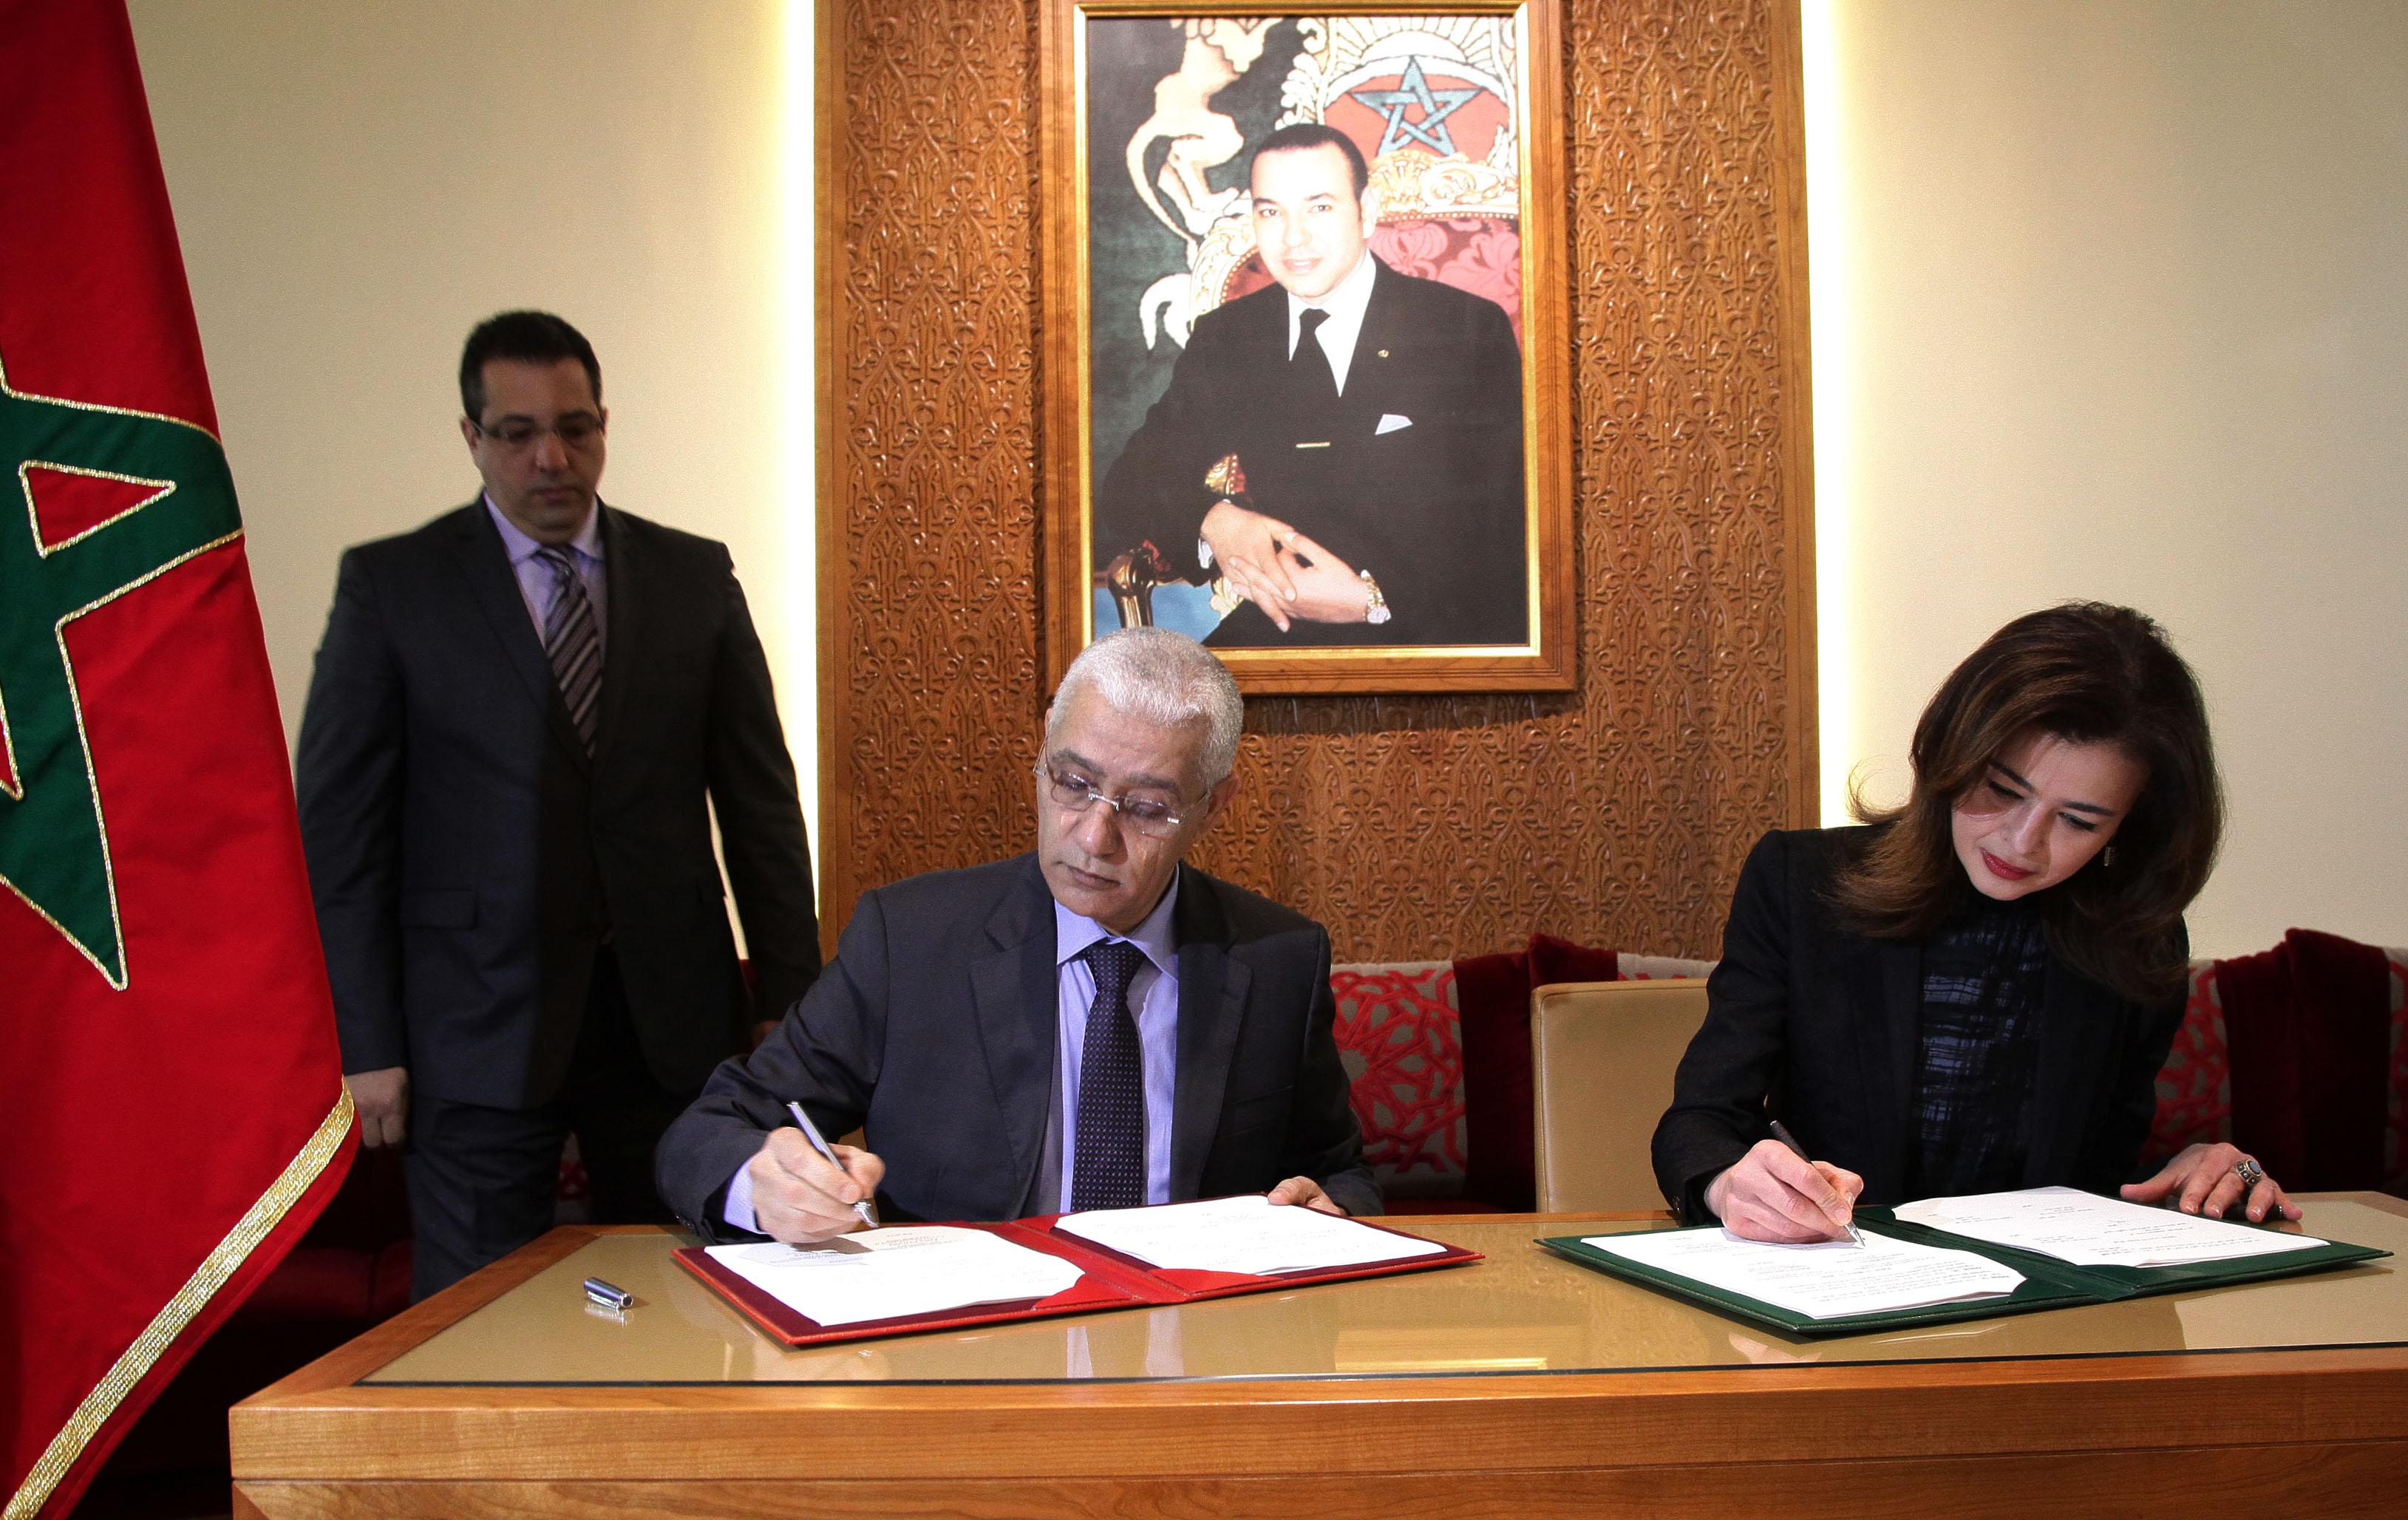 التوقيع على اتفاقية اطار للشراكة بين مجلس النواب المغربي ومؤسسة وستمنستر للديمقراطية.